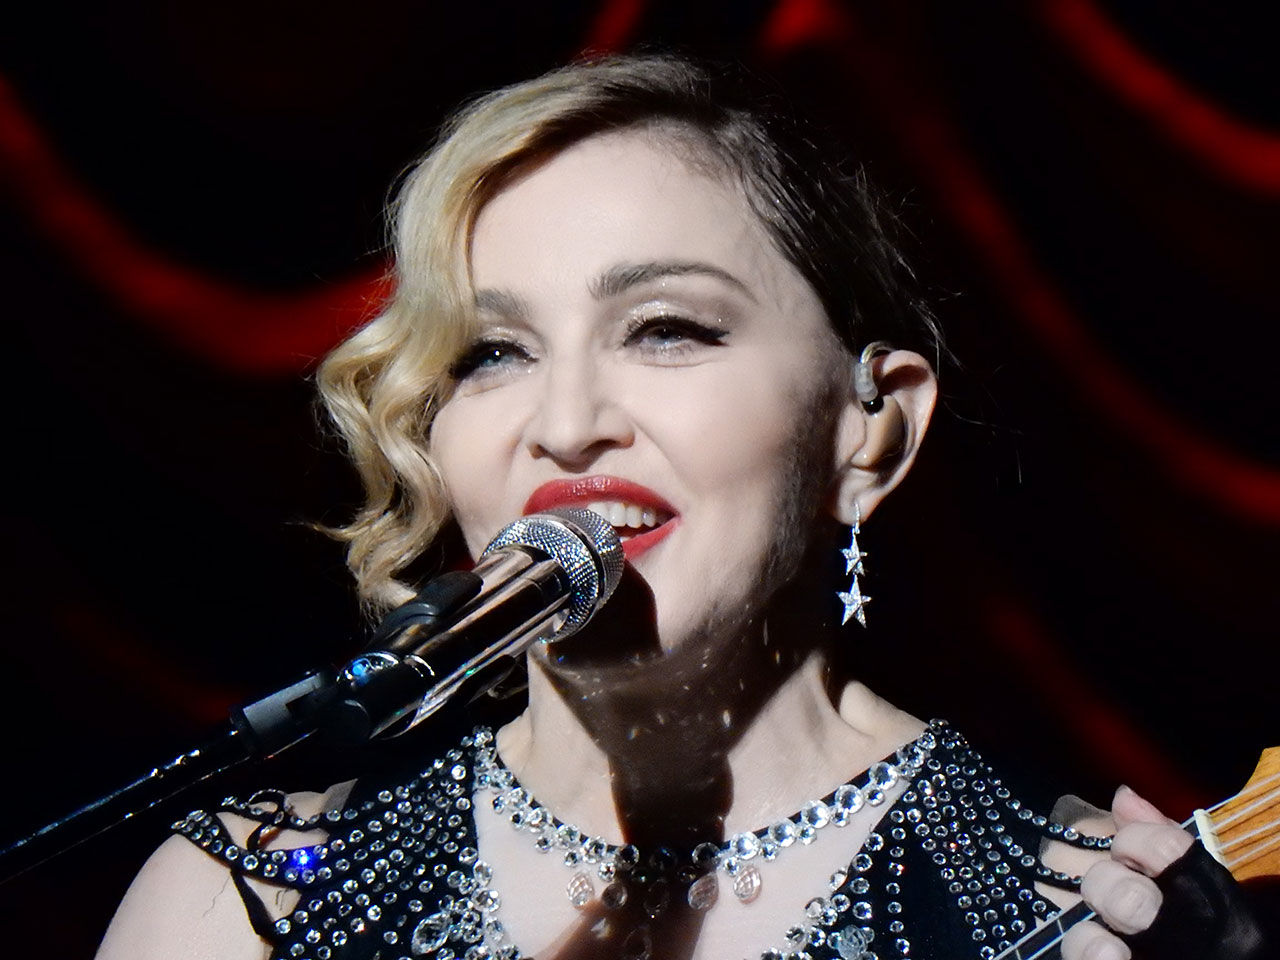 Tut i luren! Madonna fyller 60 år idag